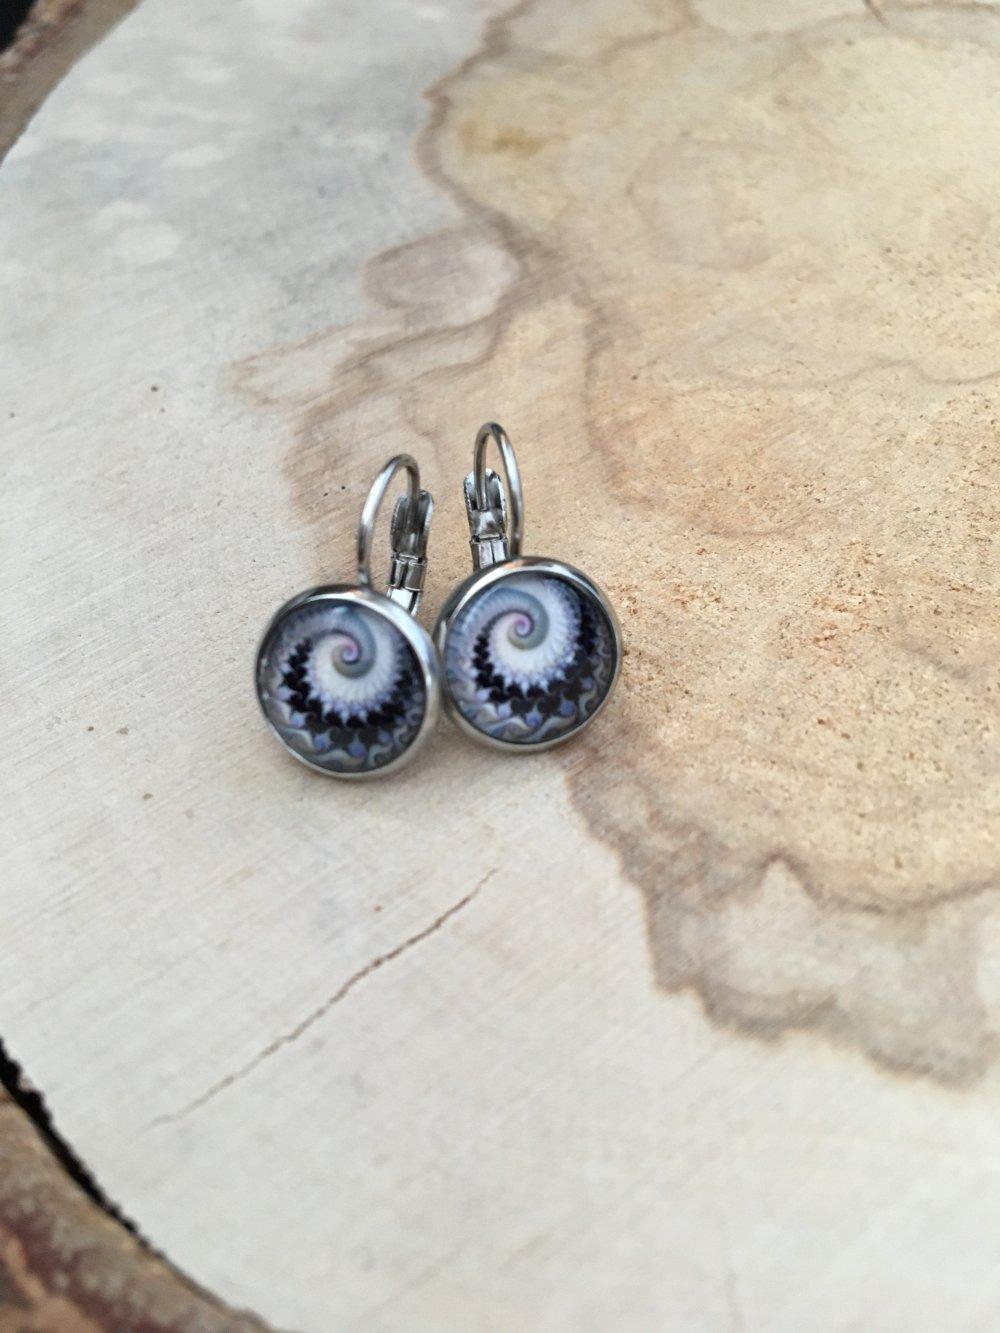 Petite boucle dormeuse spirale noire et blanche